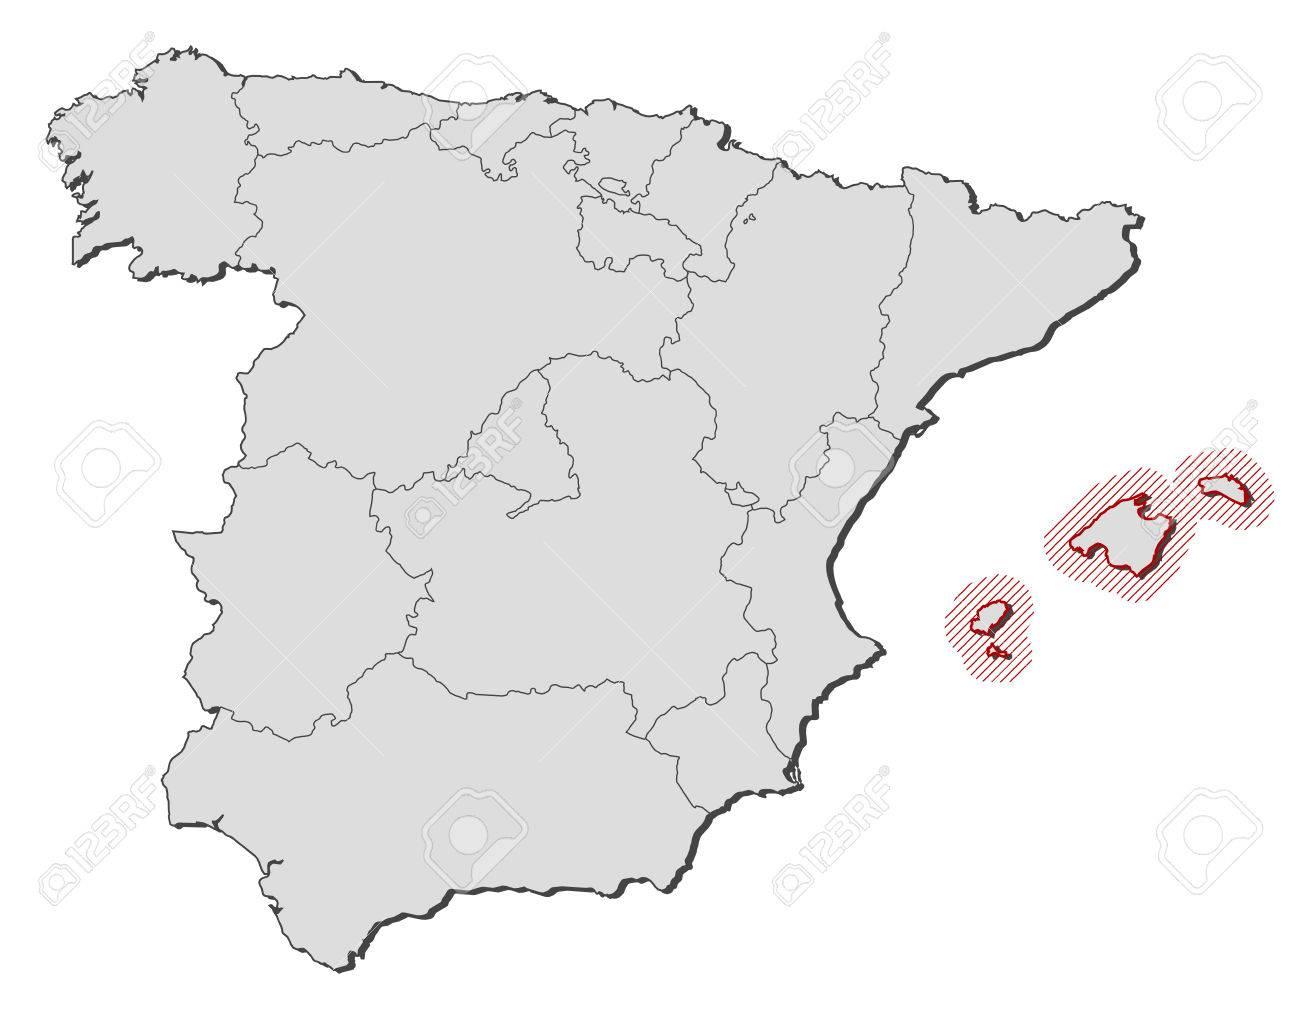 Spagna E Isole Baleari Cartina.Vettoriale Mappa Della Spagna Con Le Province Isole Baleari E Evidenziato Da Un Tratteggio Image 57832534